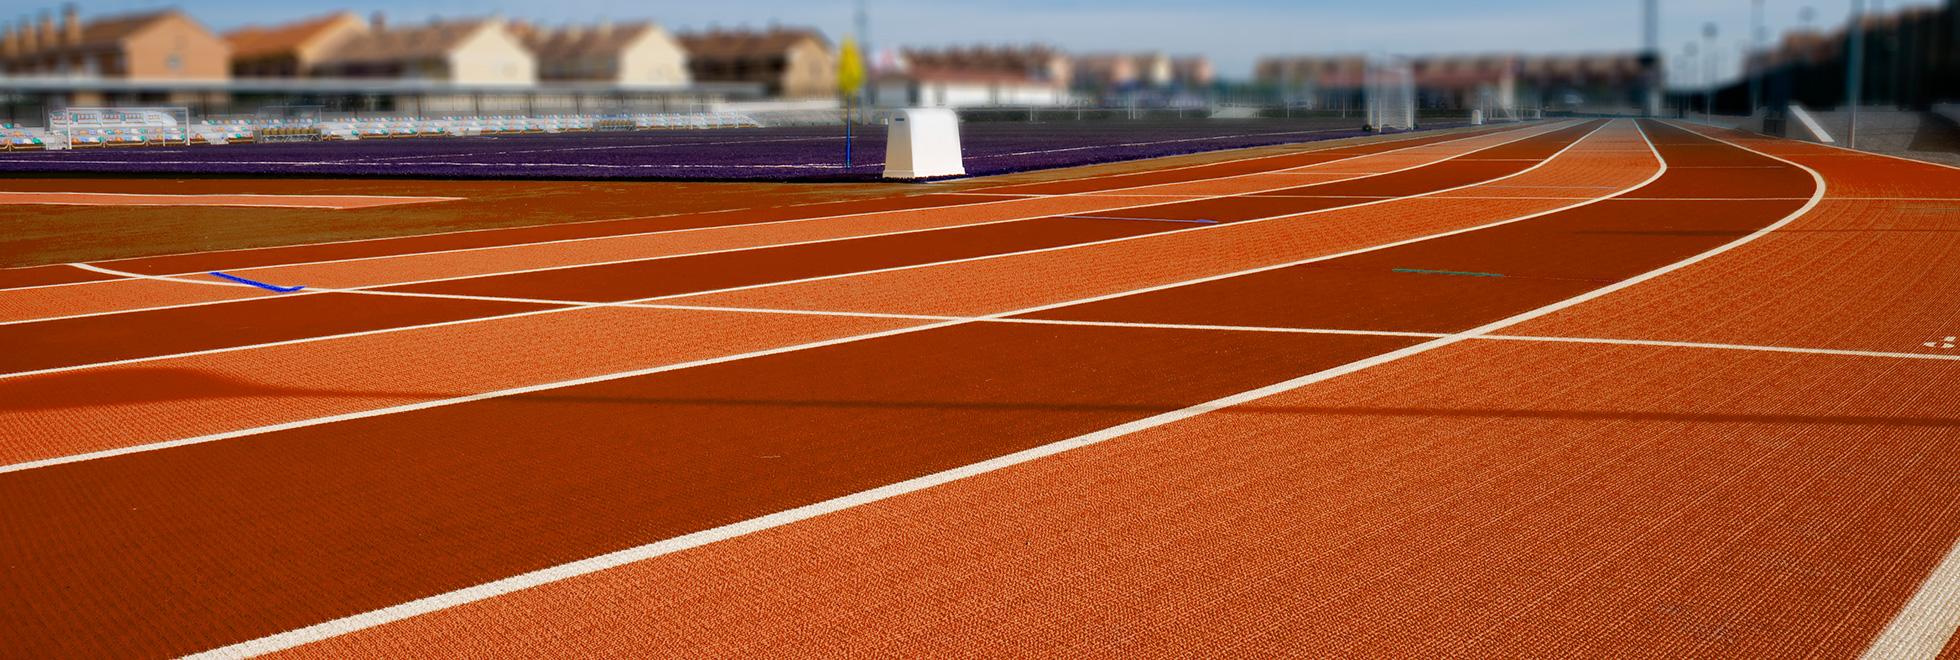 atletismo-pistas2